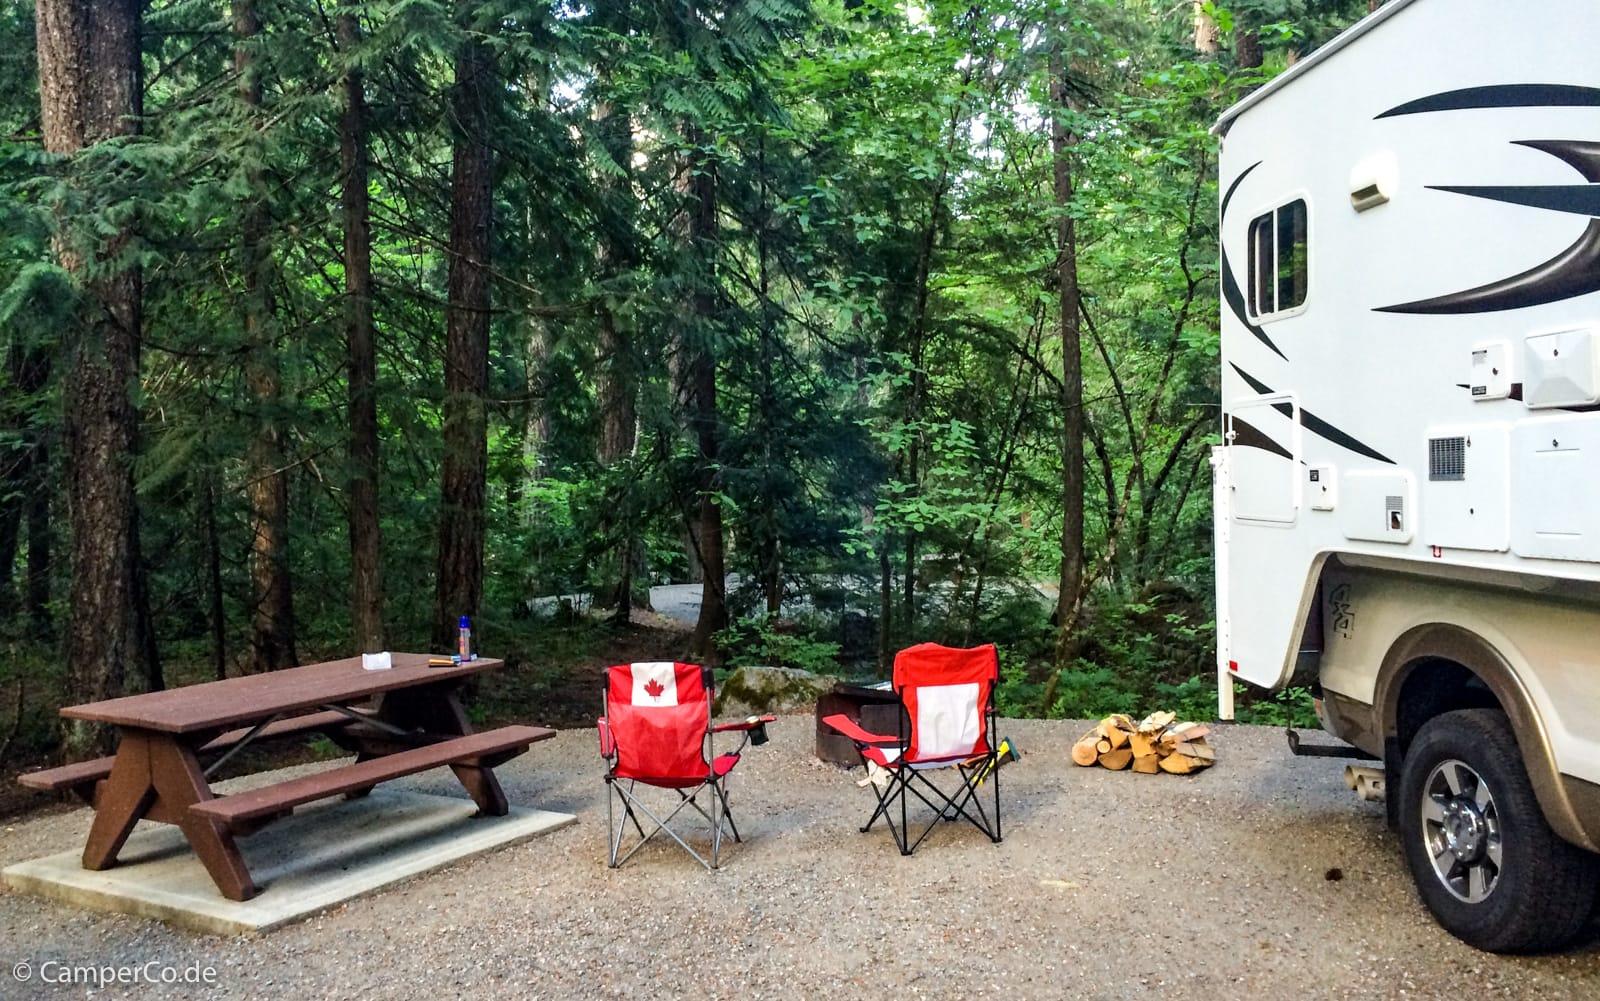 Outdoor Küche Aus Usa : Feuer und grillen beim camping in kanada und usa camperco